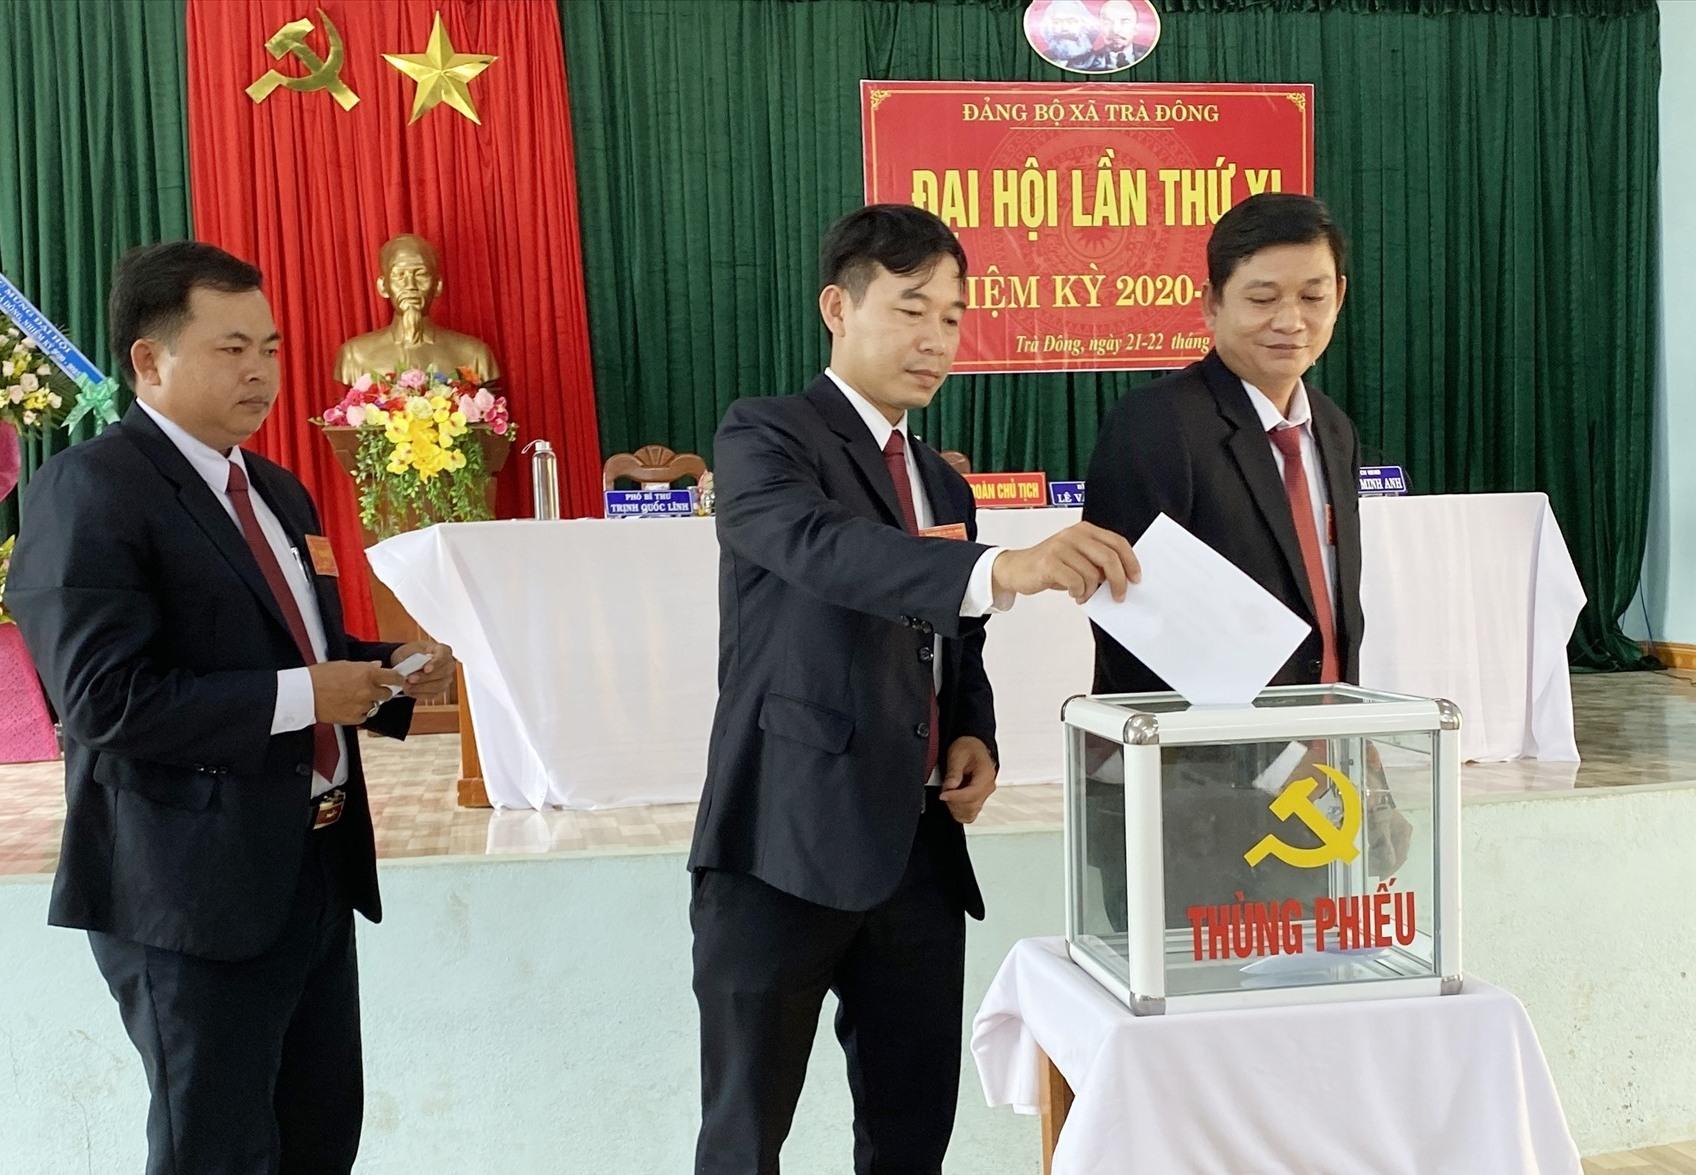 Đại biểu bỏ phiếu bầu Ban Chấp hành Đảng bộ xã Trà Đông khóa XI. Ảnh: N.Đ